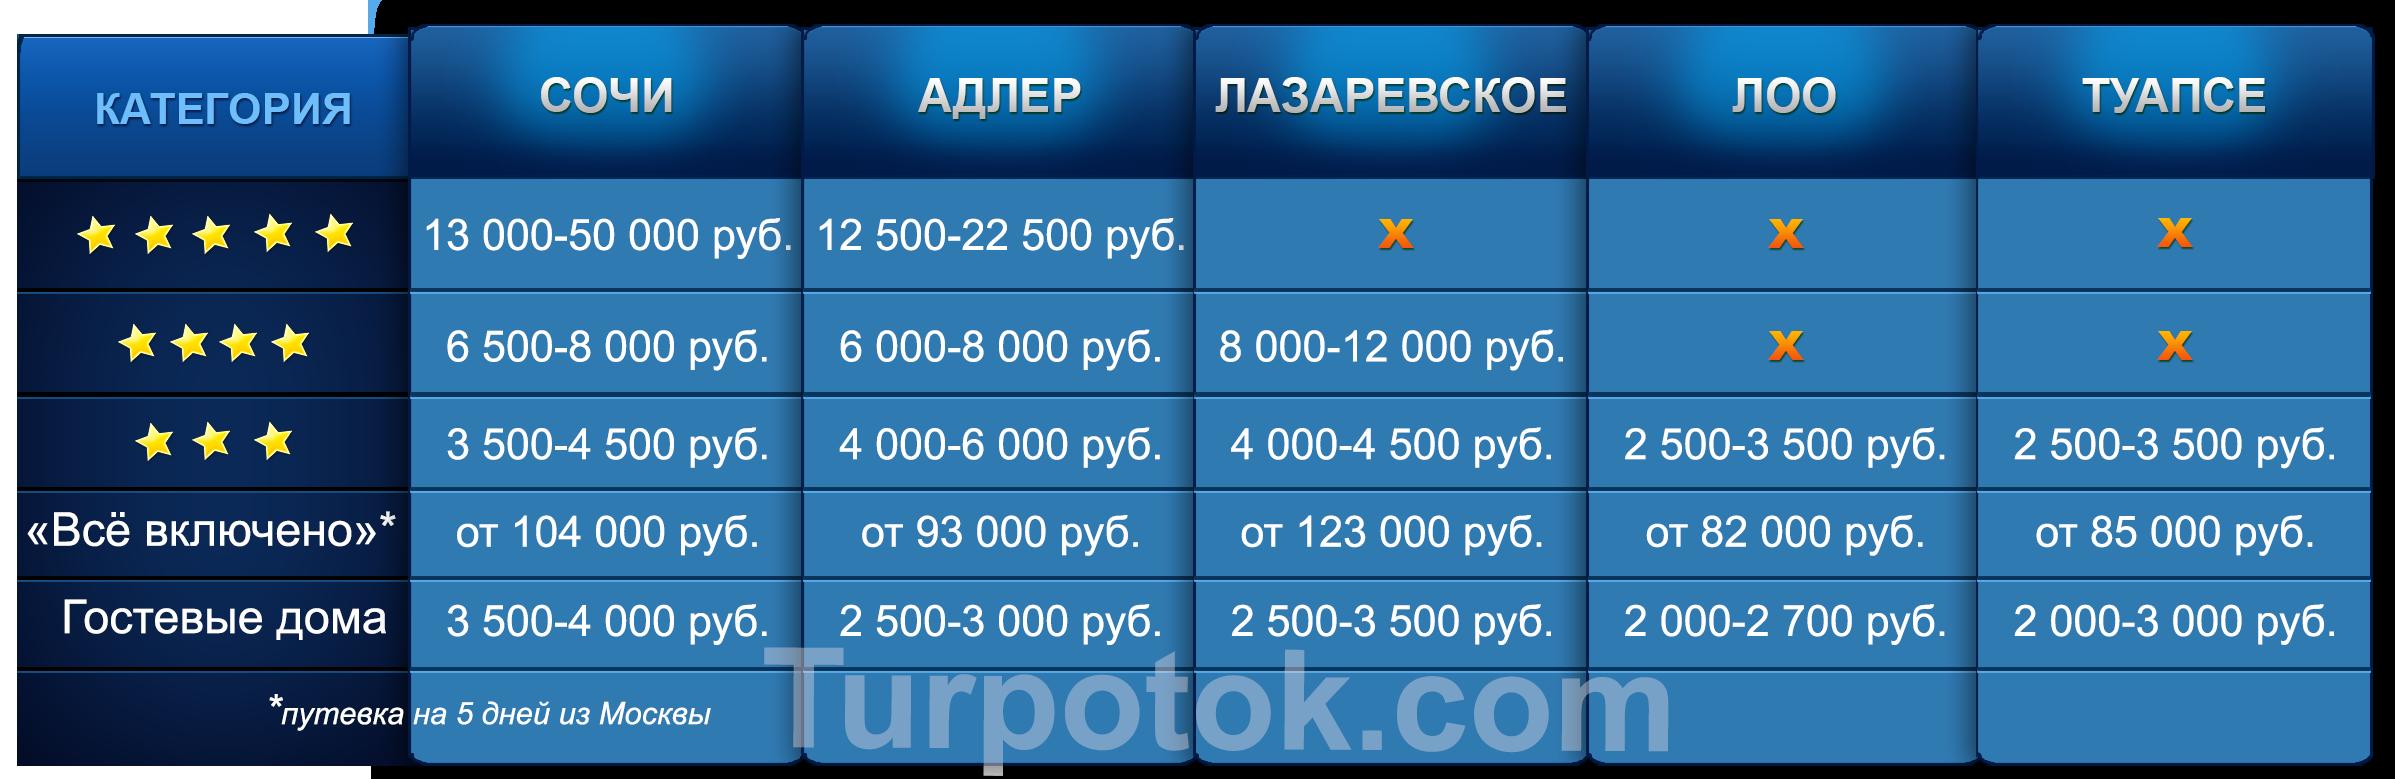 Сравнительная таблица с ценами в отелях Сочи, Адлера, Лазаревского, Лоо и Туапсе летом 2017 года